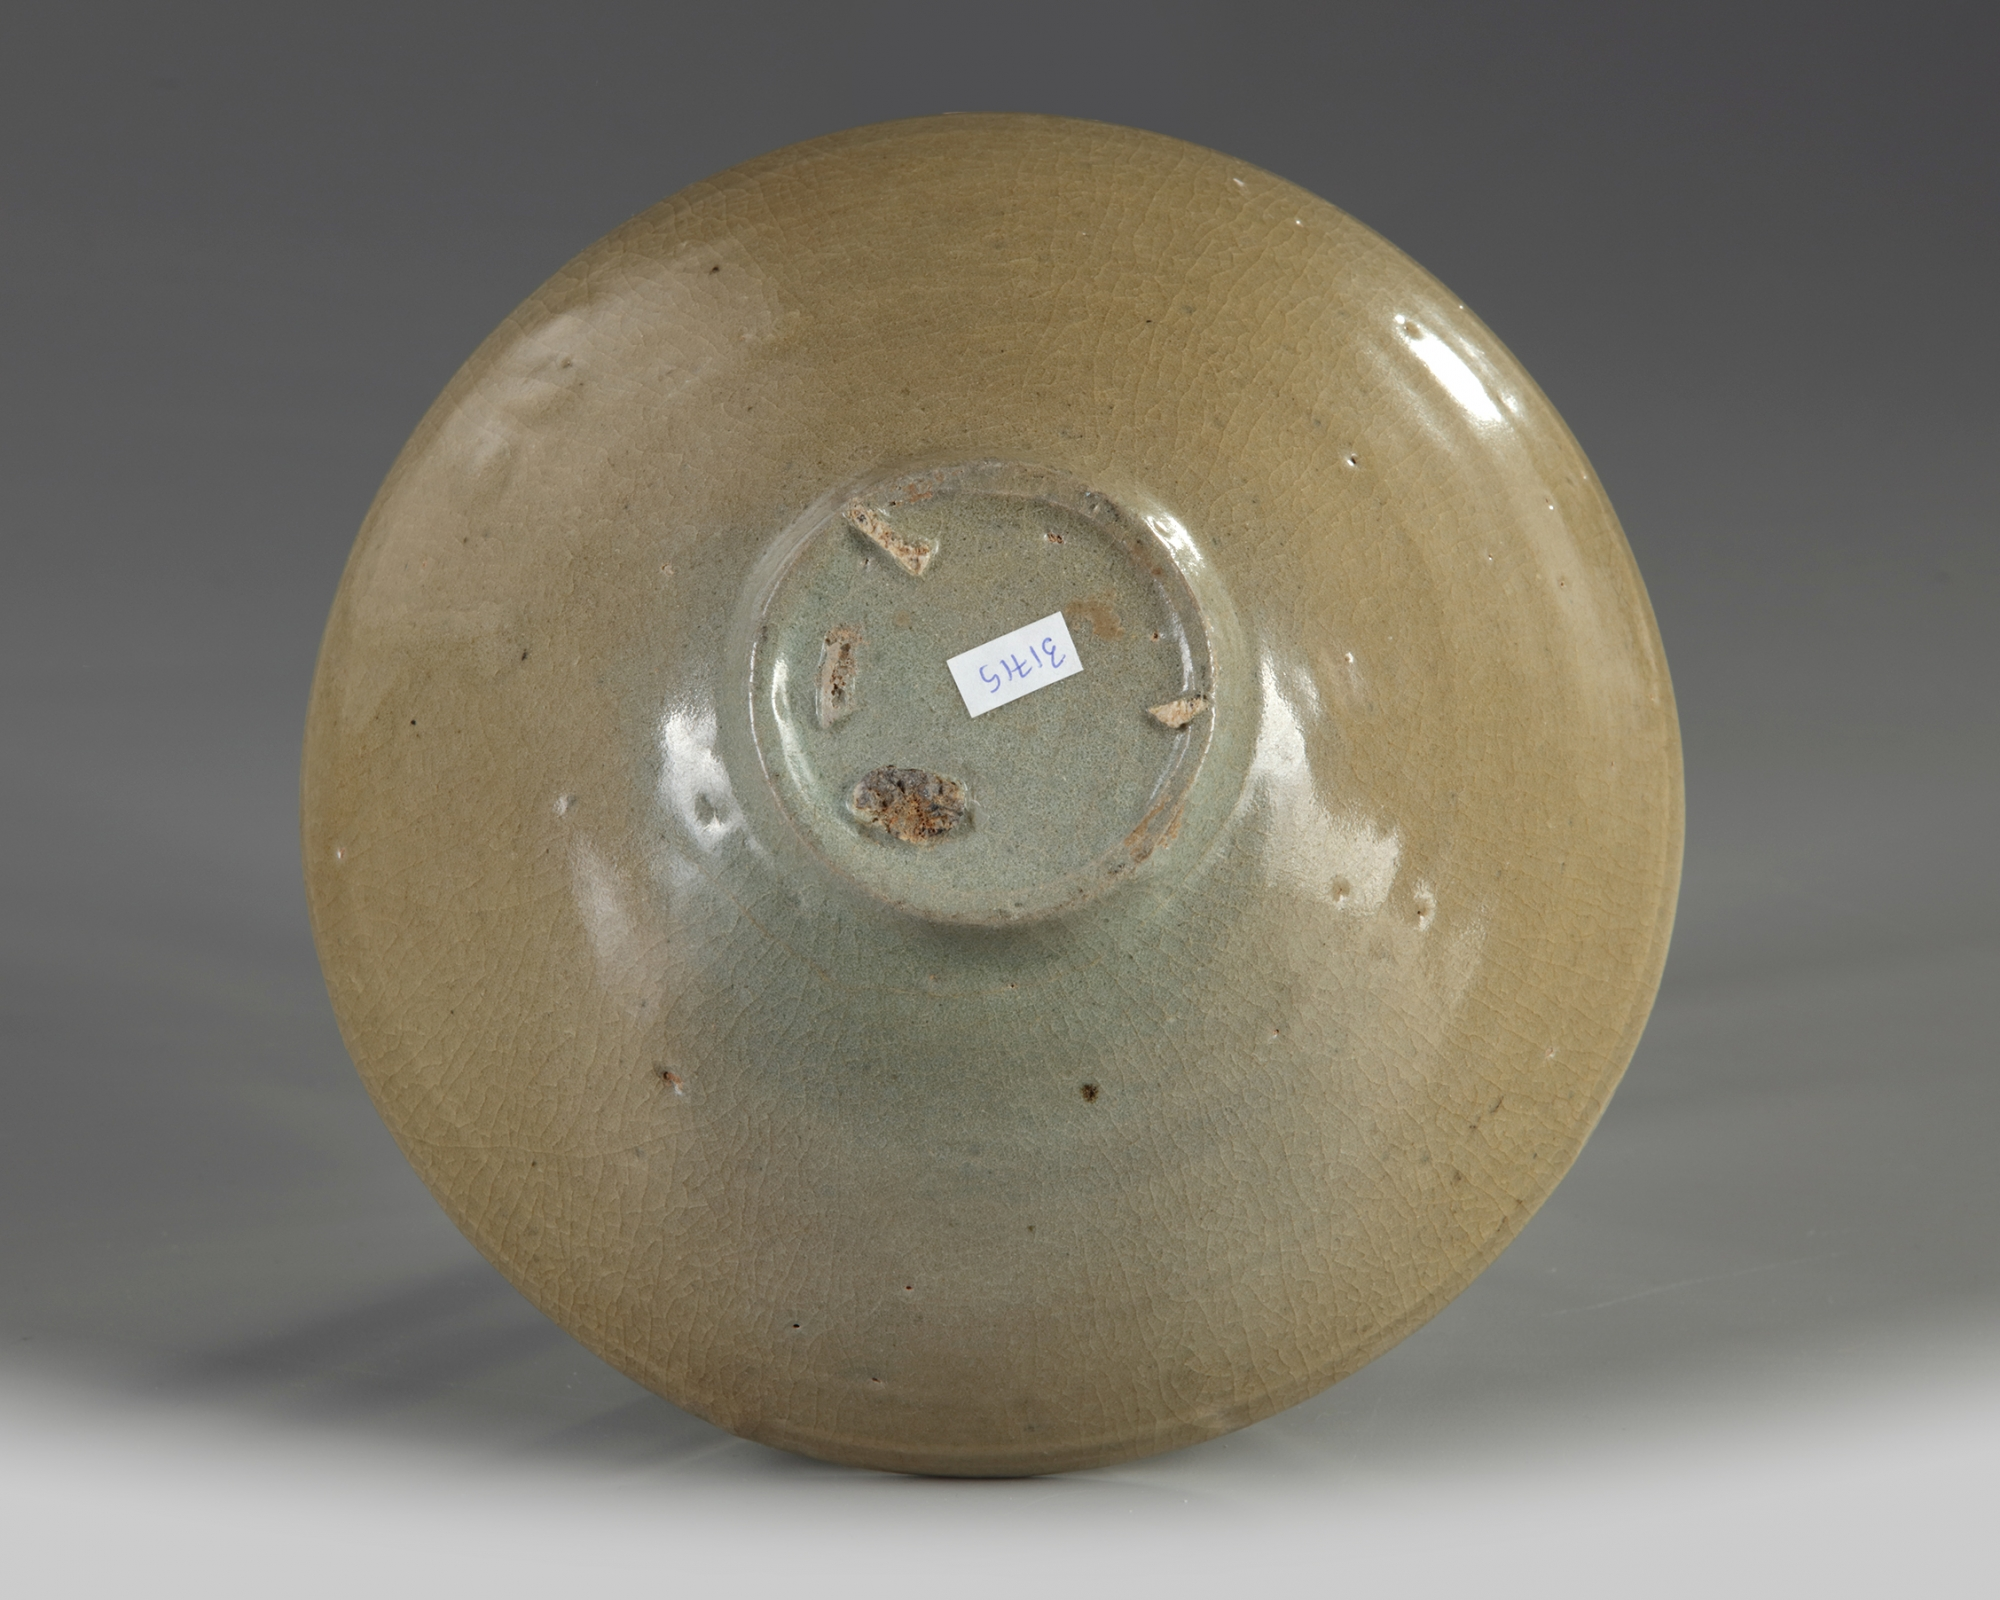 Lot 48 - A Korean celadon glazed bowl